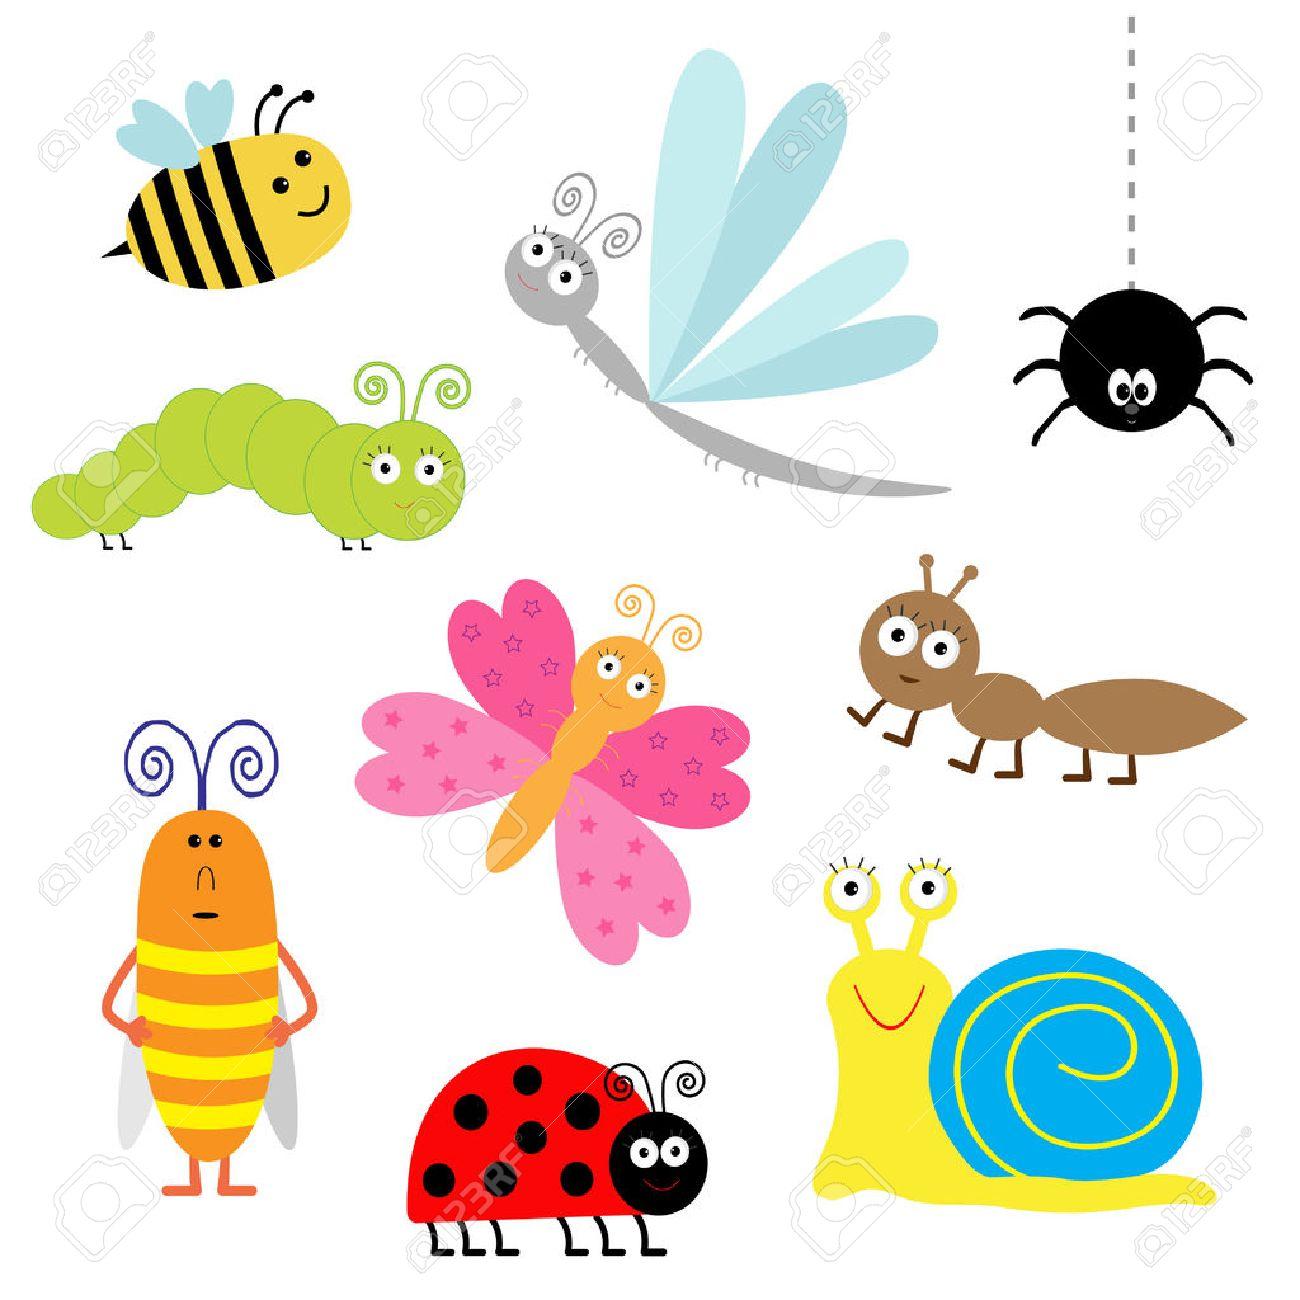 かわいい漫画の昆虫セットてんとう虫トンボ蝶毛虫アリクモ